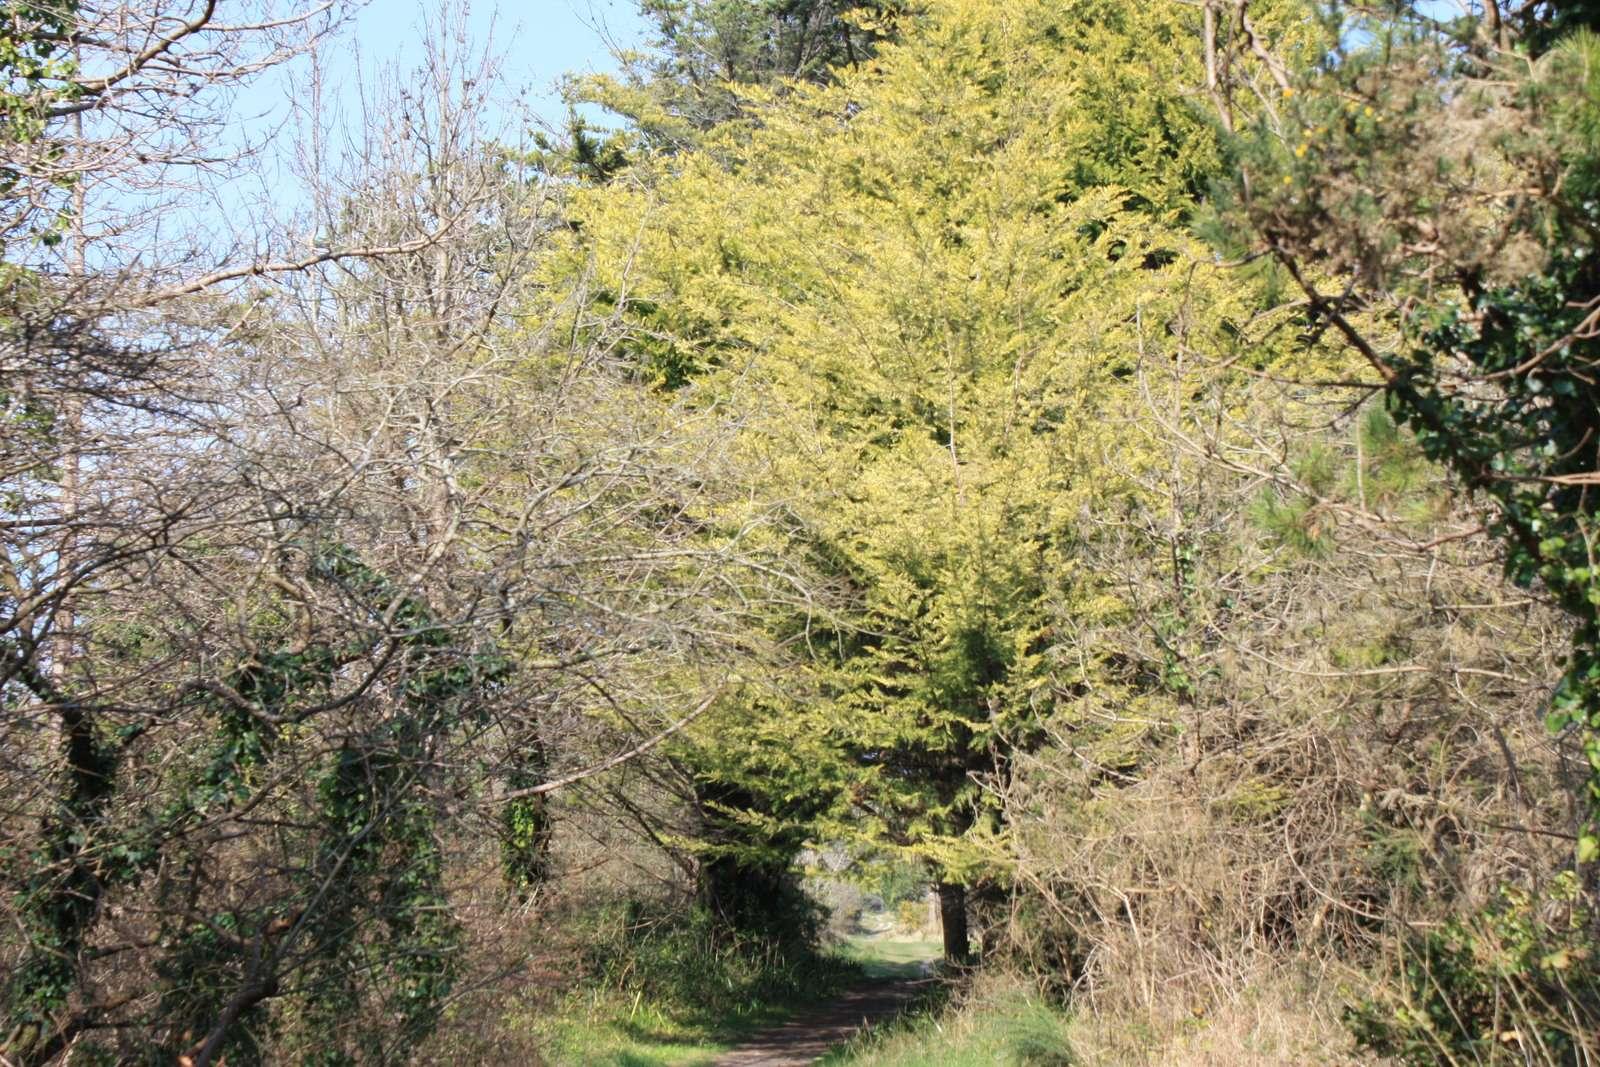 Santec forest